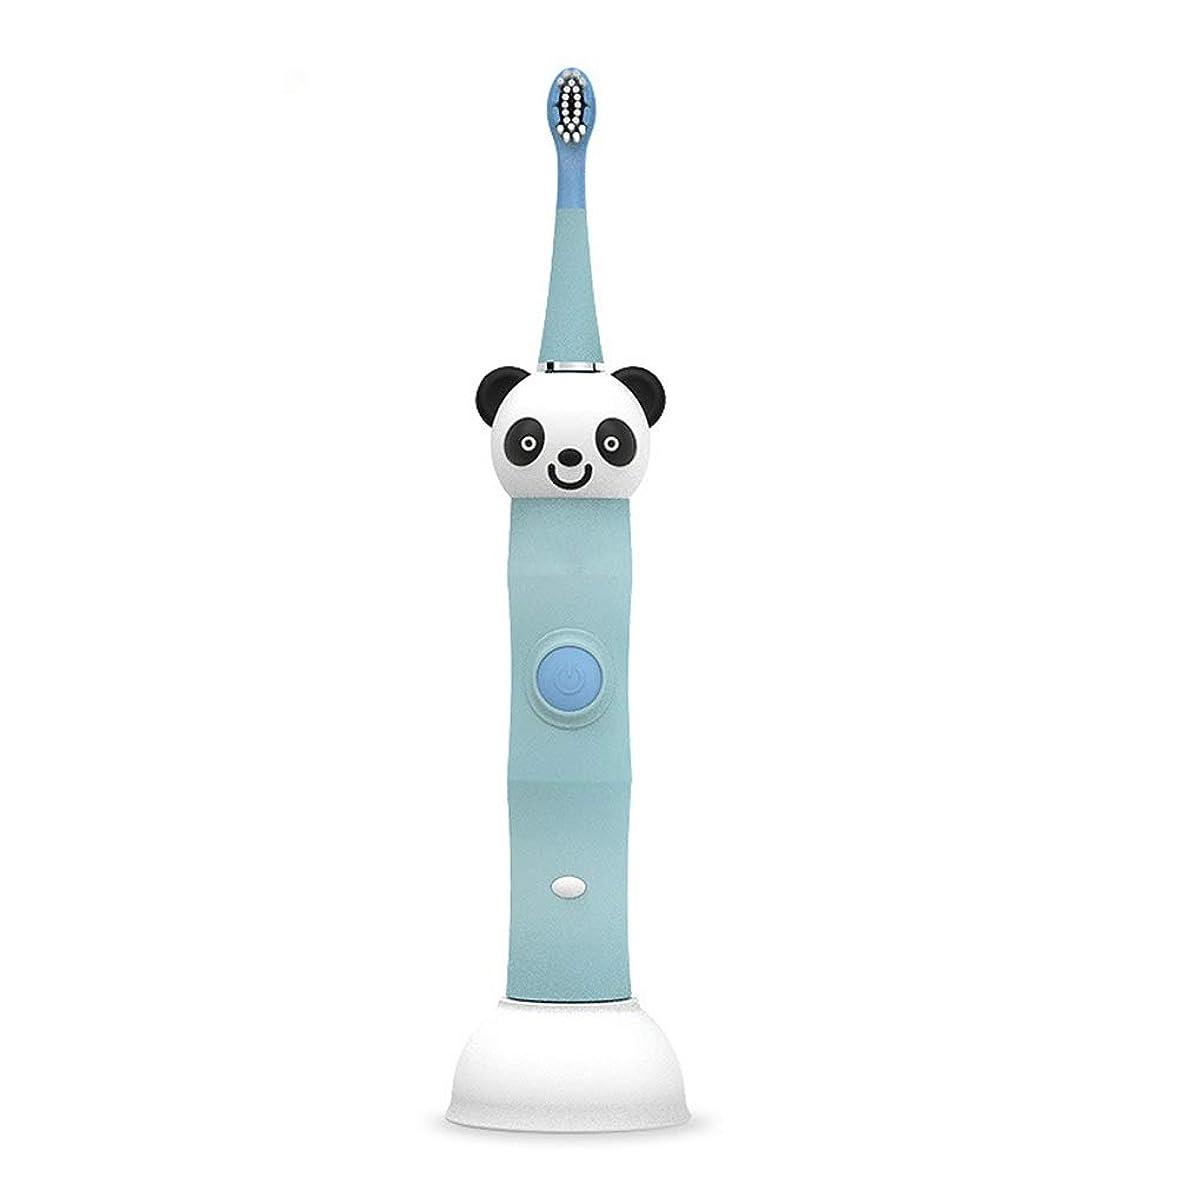 可愛い役に立つ説教する電動歯ブラシ USBの充満基盤の柔らかい毛のきれいな歯ブラシと防水子供の電動歯ブラシ ケアー プロテクトクリーン (色 : 青, サイズ : Free size)